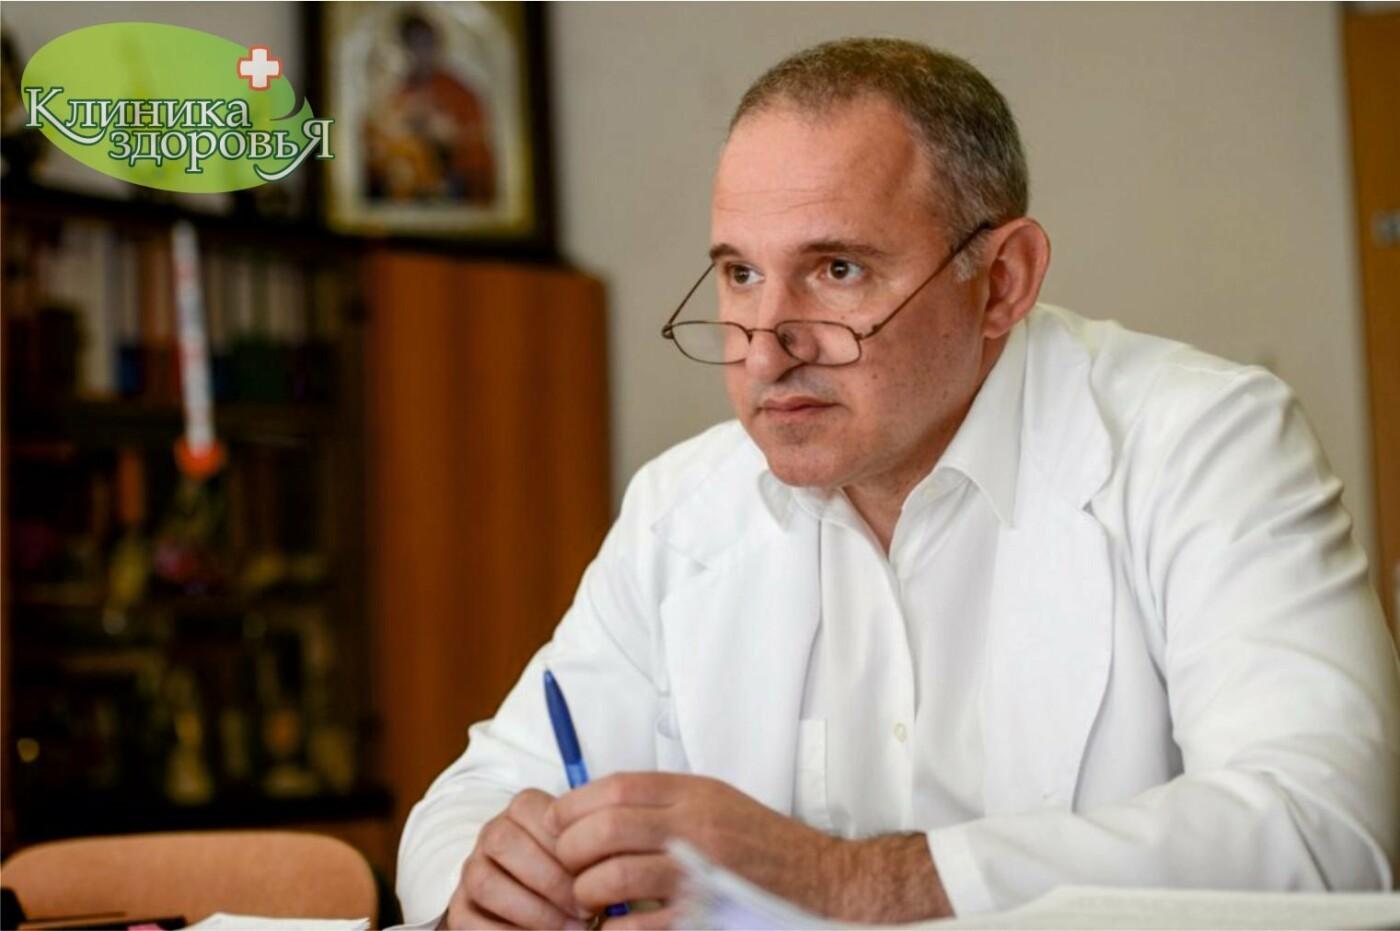 Мариупольцы, нуждающиеся в кардиохирургическом лечении, смогут попасть на прием к сотрудникам Киевского института сердца, фото-1